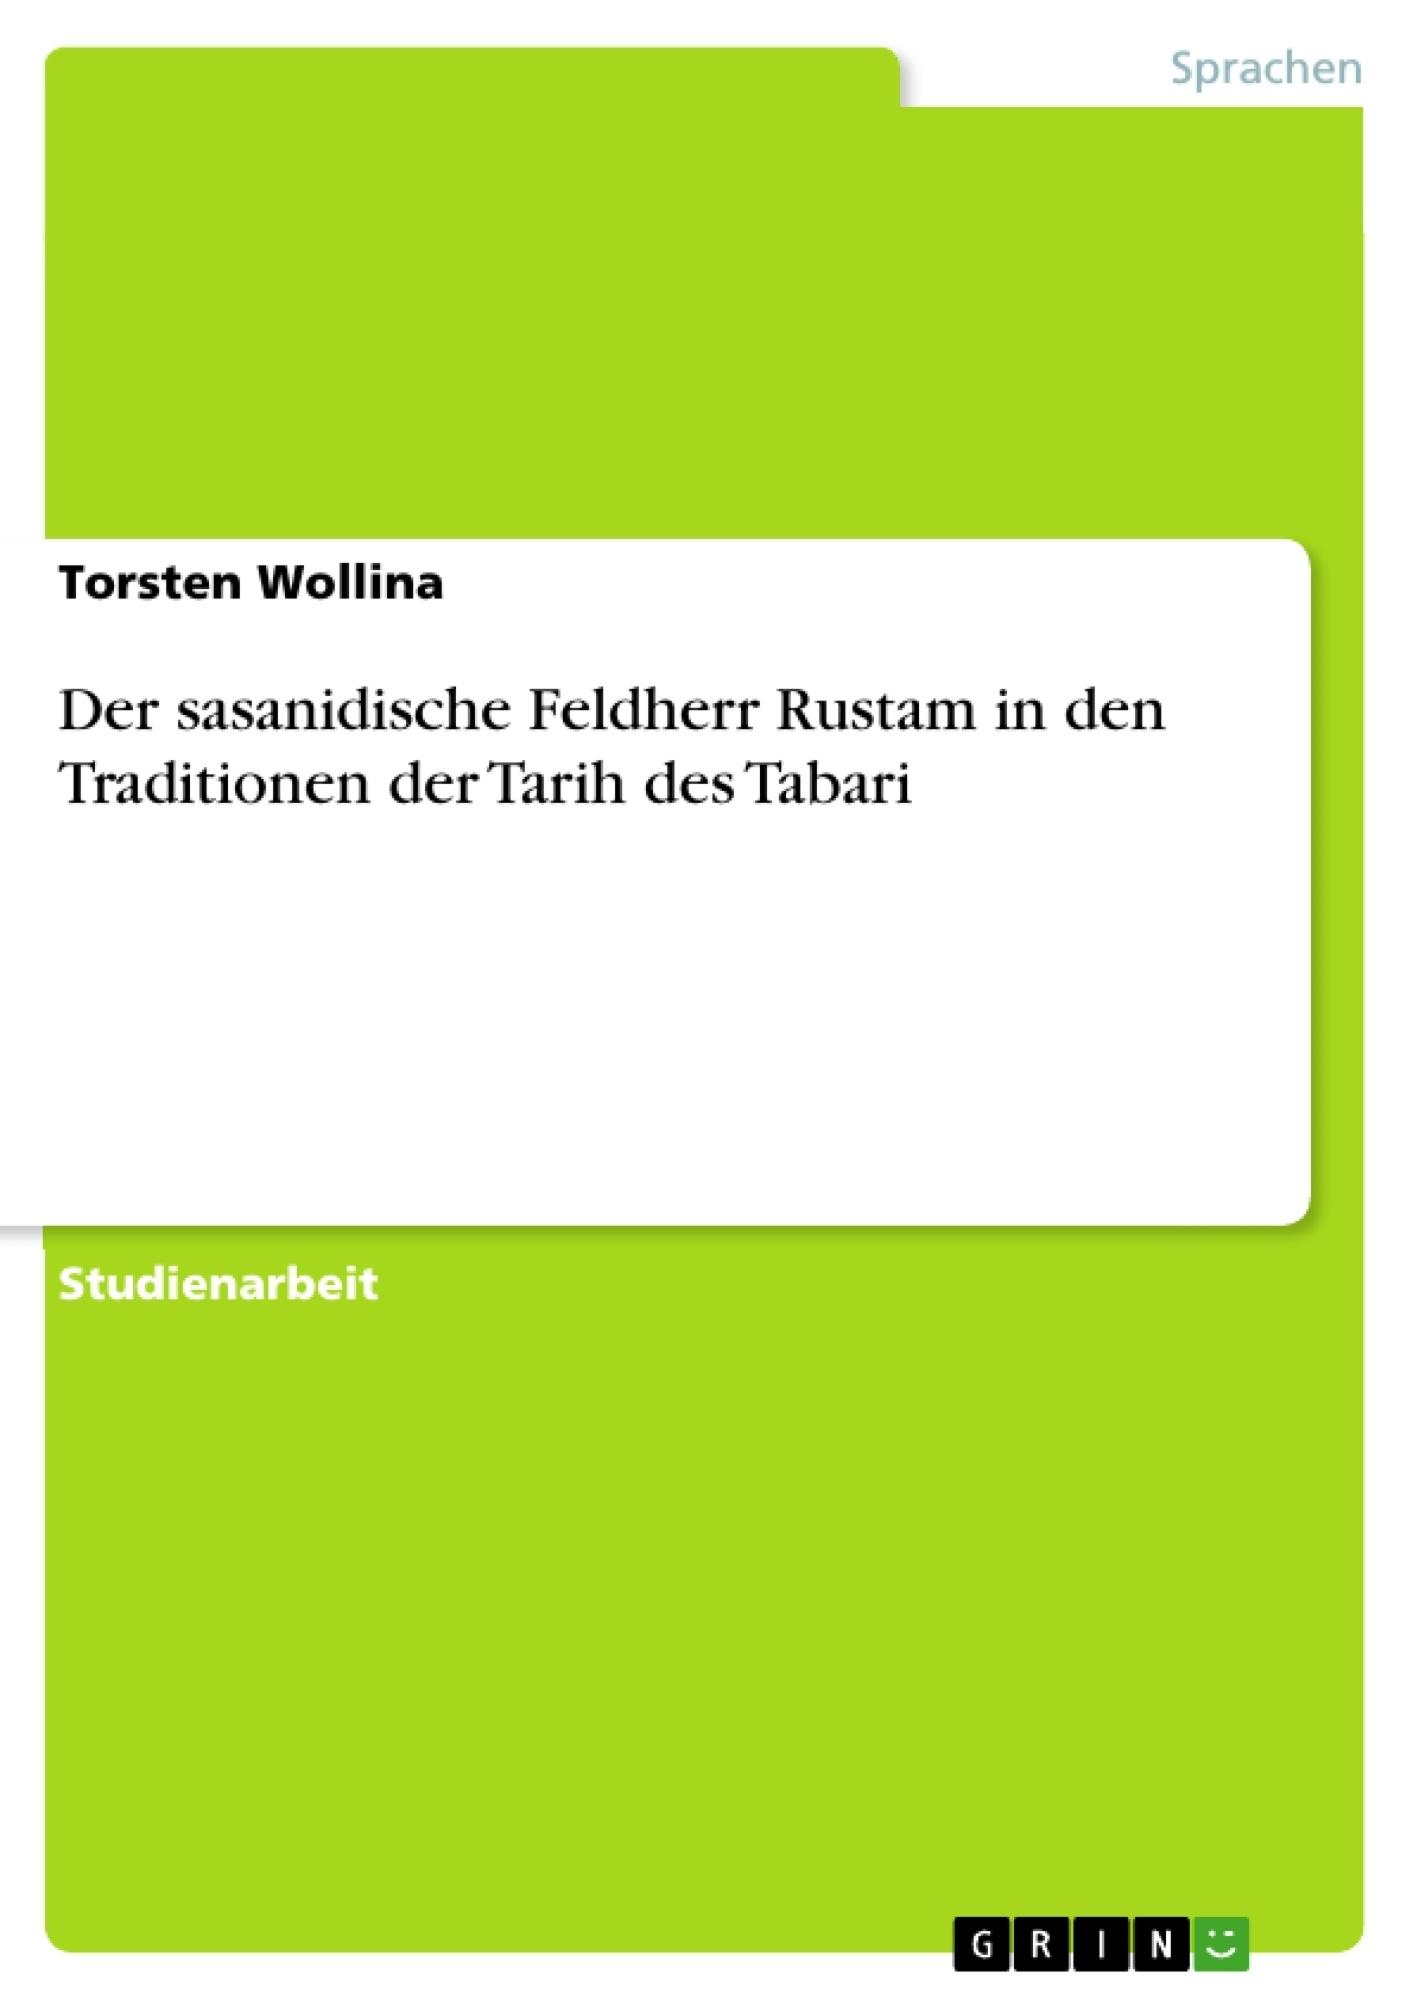 Titel: Der sasanidische Feldherr Rustam in den Traditionen  der Tarih des Tabari